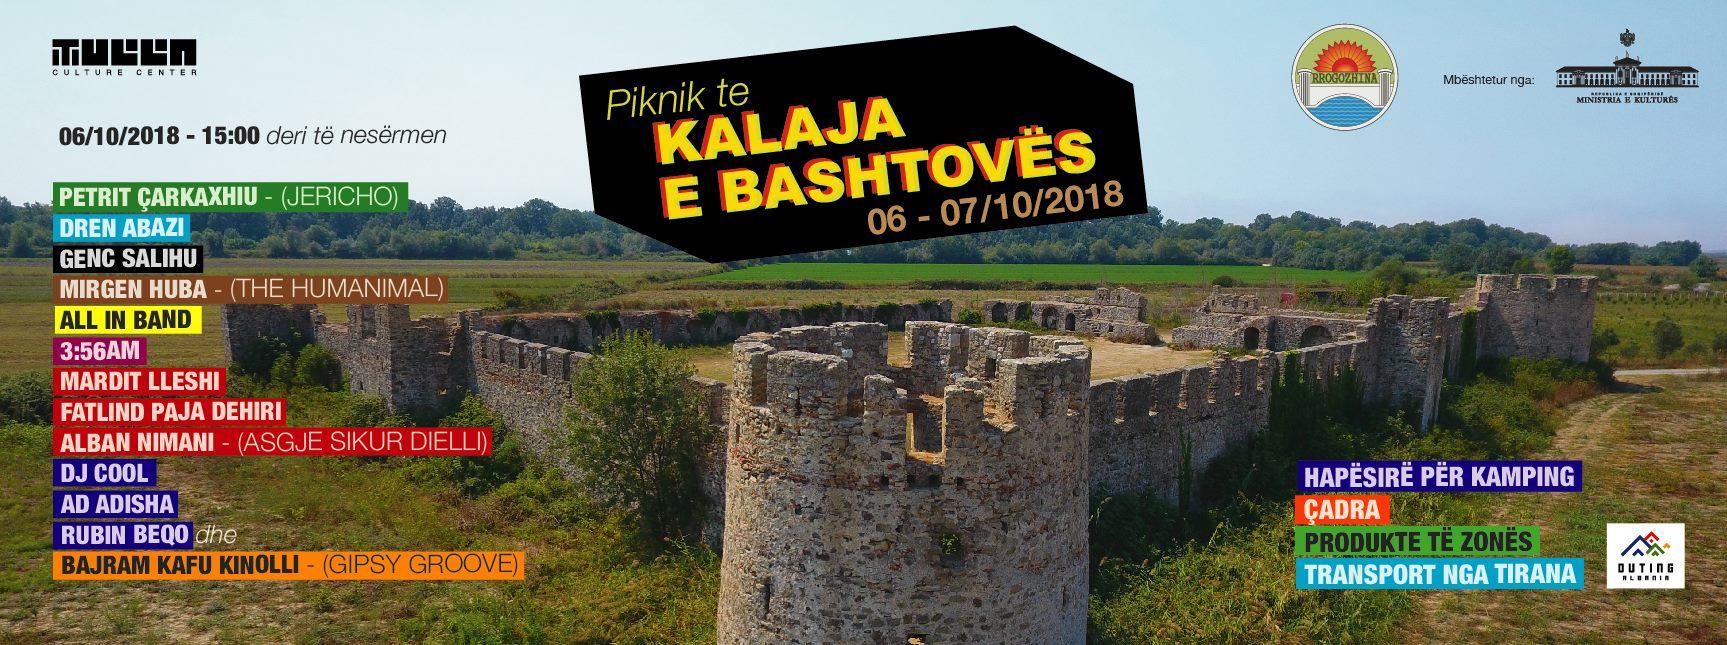 kalaja e bashtoves evente kulturore shqiptare